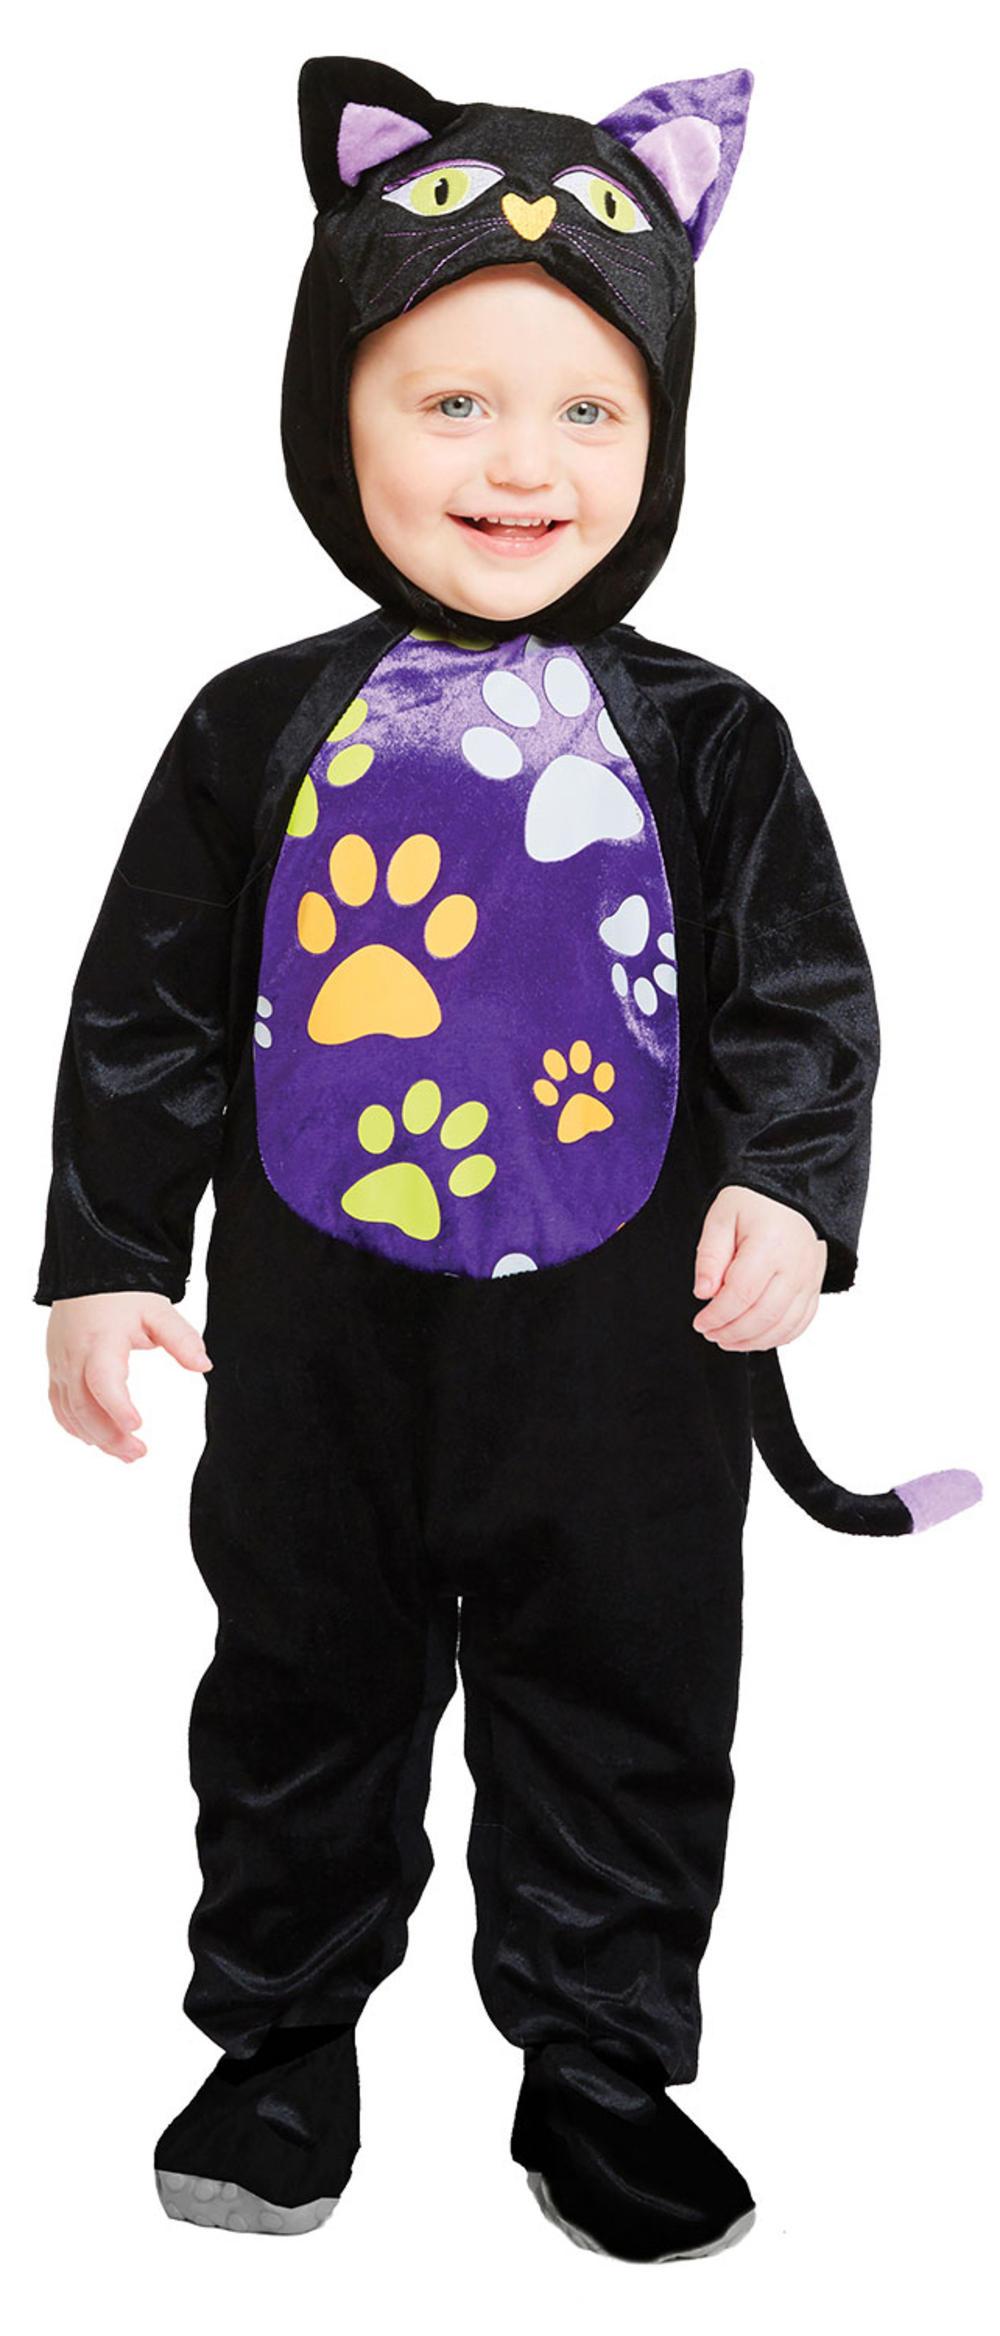 Lil Kitty Cutie Kids Costume